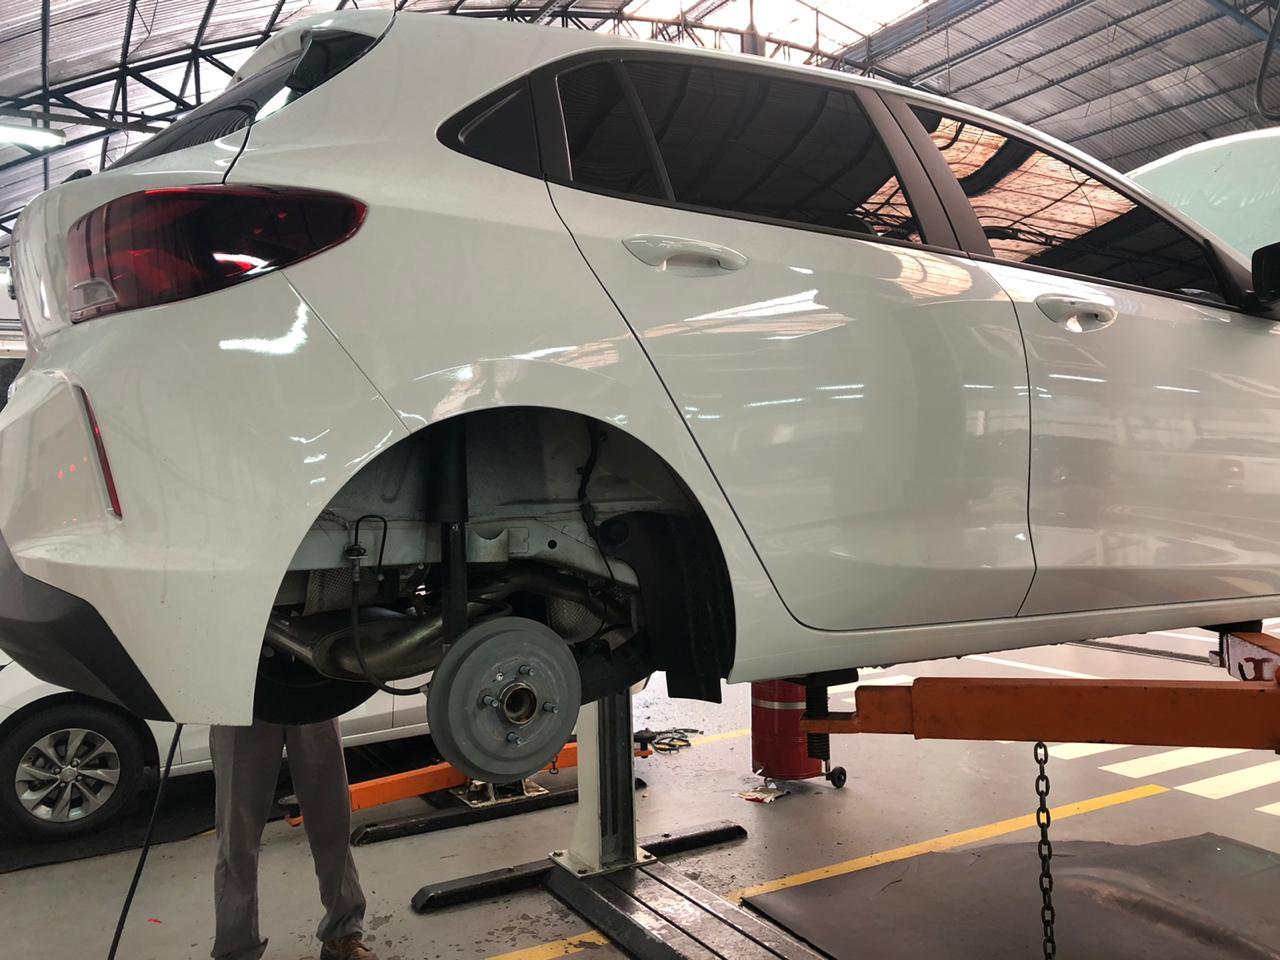 Exclusivo: estalos do Chevrolet Onix por erro nos freios assustam clientes